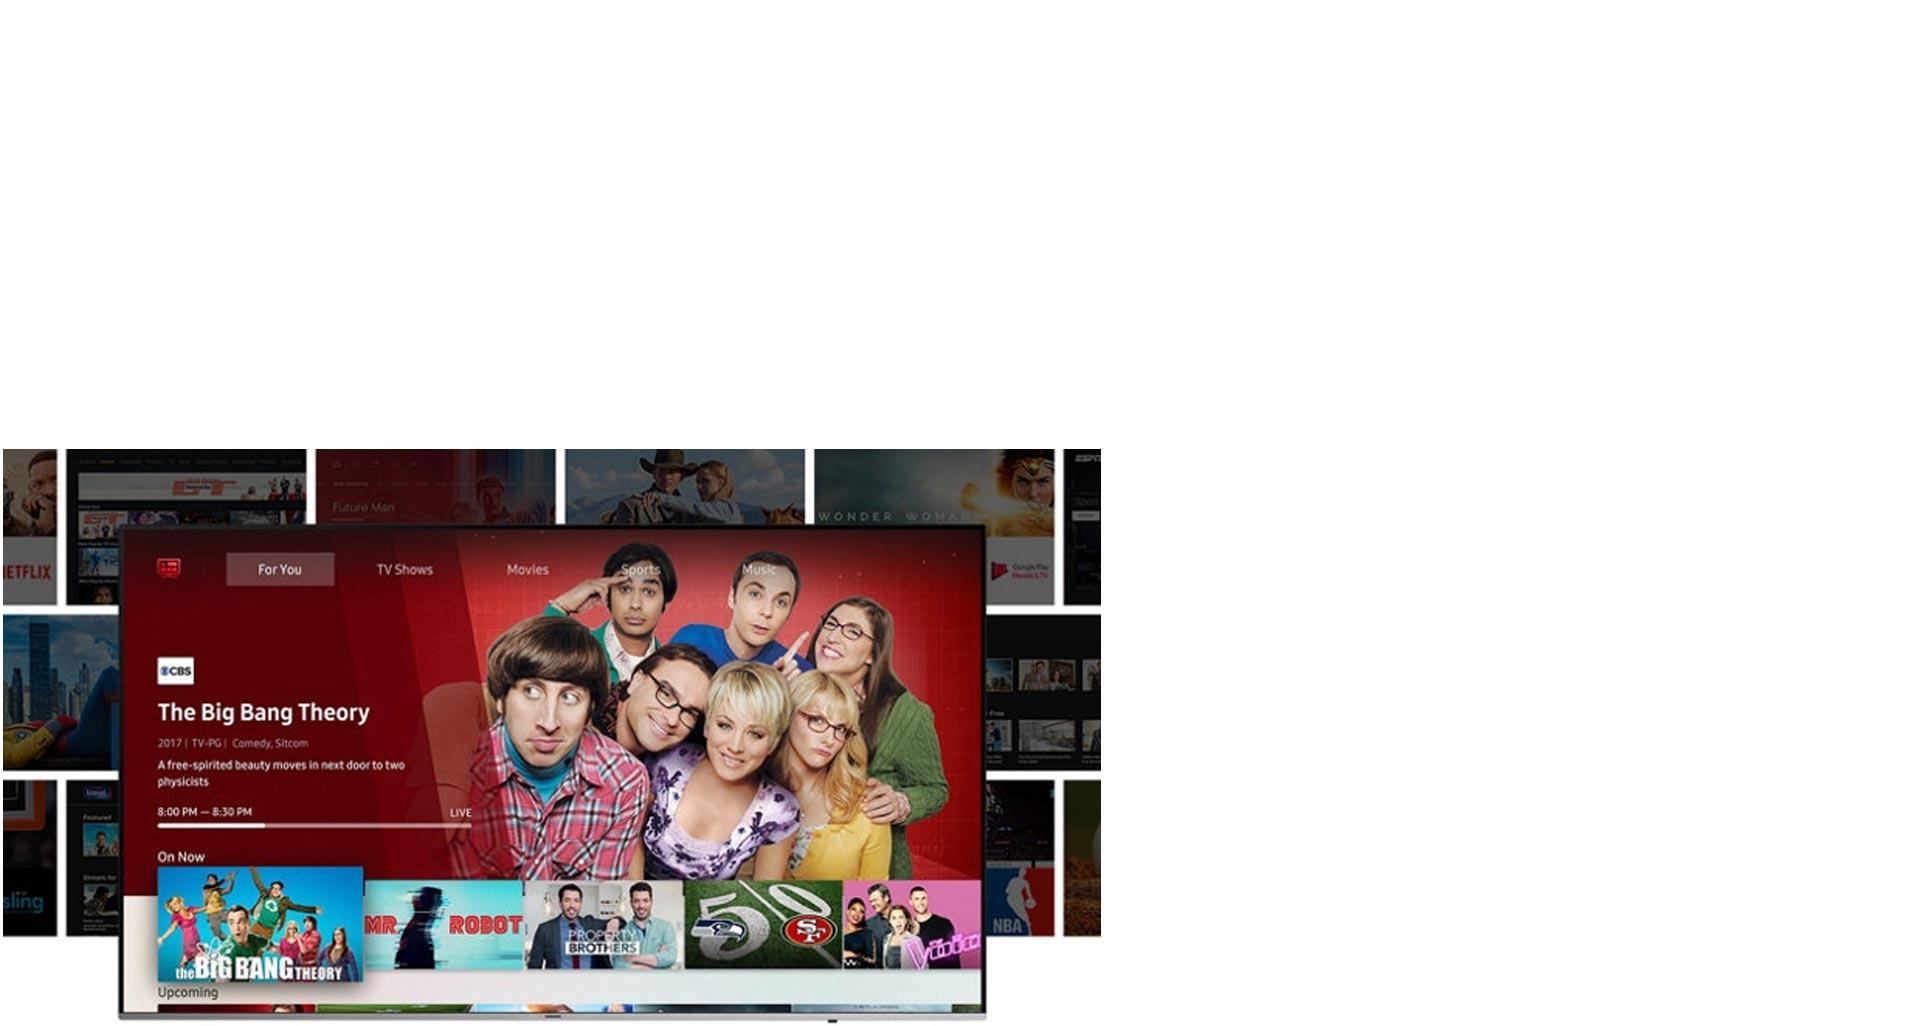 با داشتن تلویزیون سری NU کمتر جست و جو کنید و بیشتر تماشا کنید